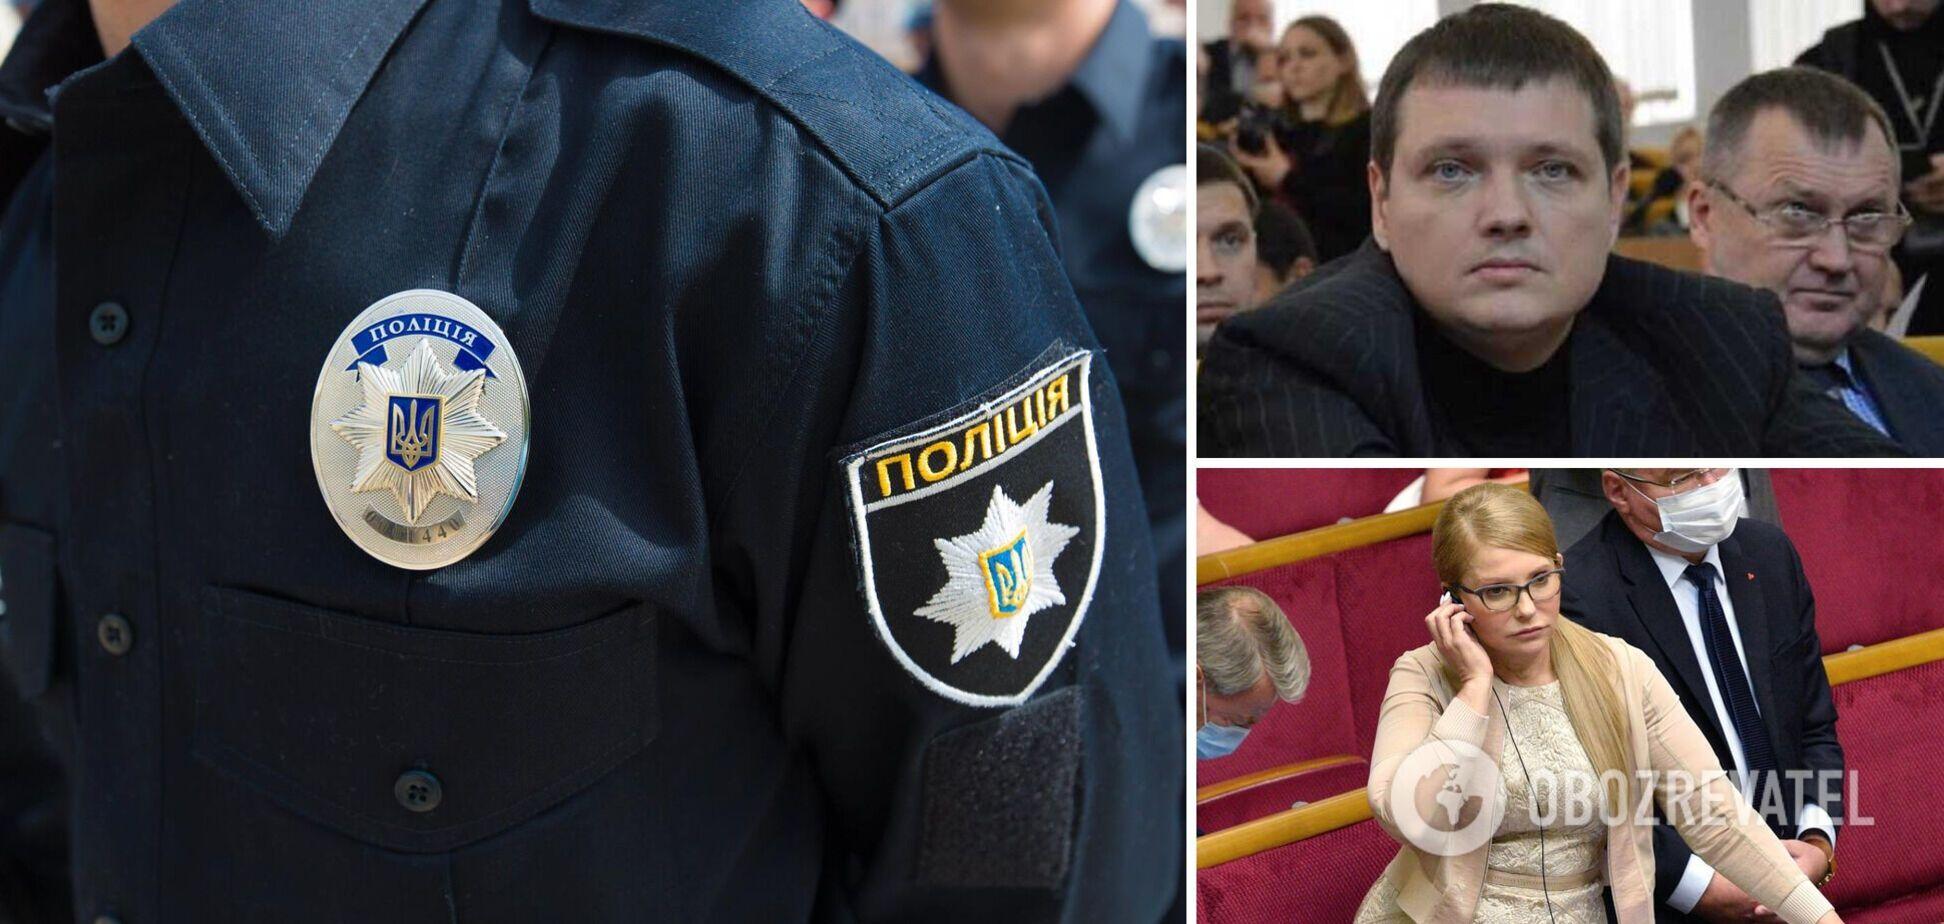 Против руководства ГПЗКУ, которой управляет соратник Тимошенко, санкционировали подозрение